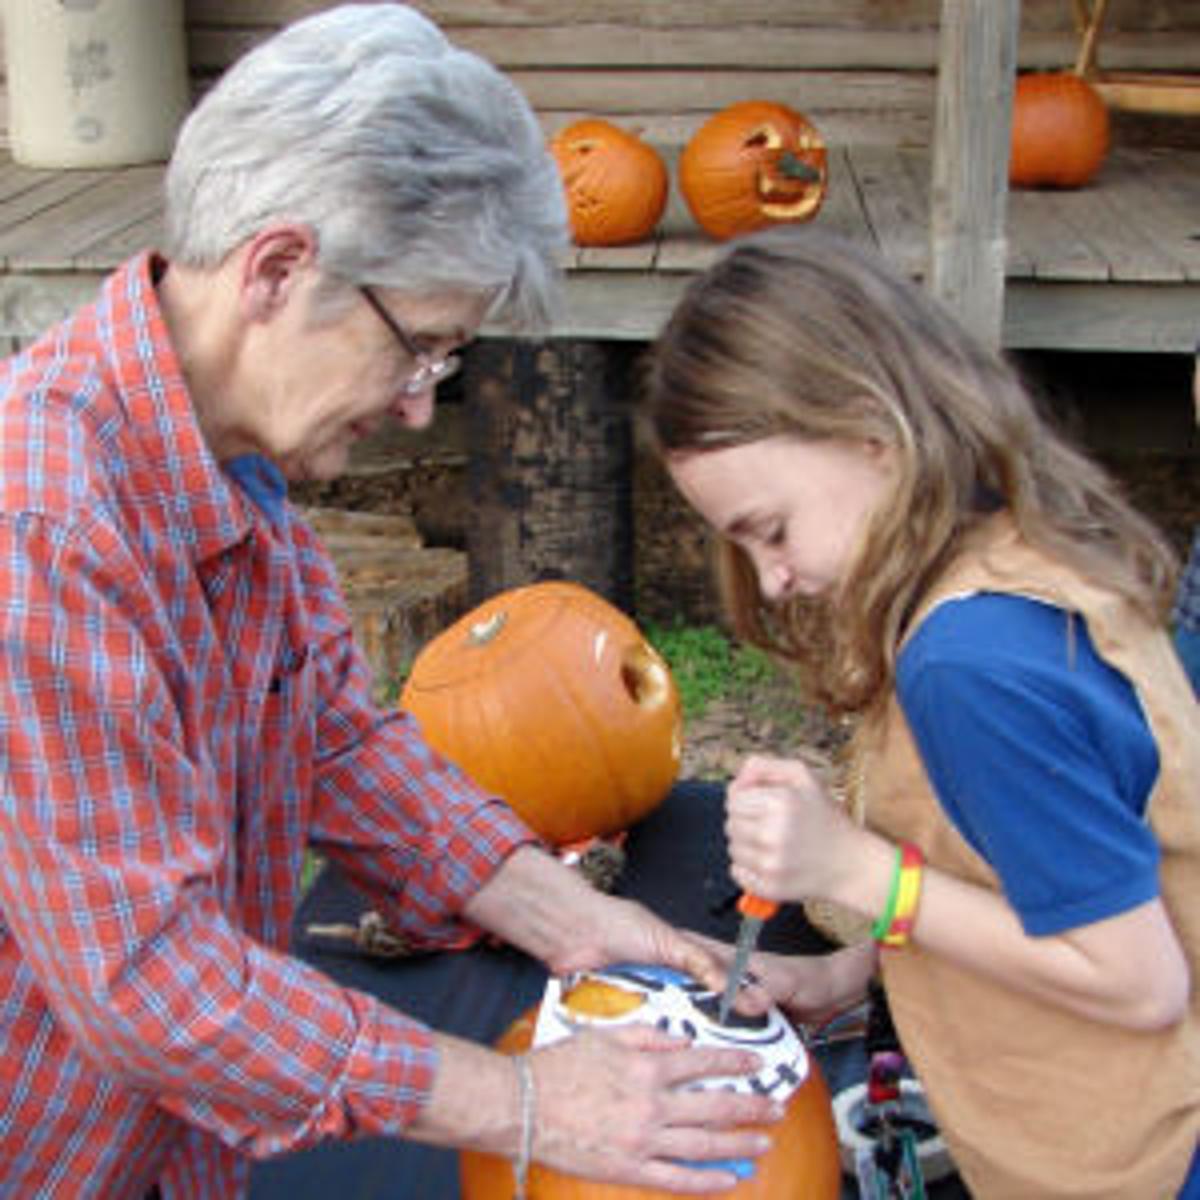 Halloween Activities 2020 In Huntsville Texas Have a haunting Halloween in Huntsville | Local News | itemonline.com